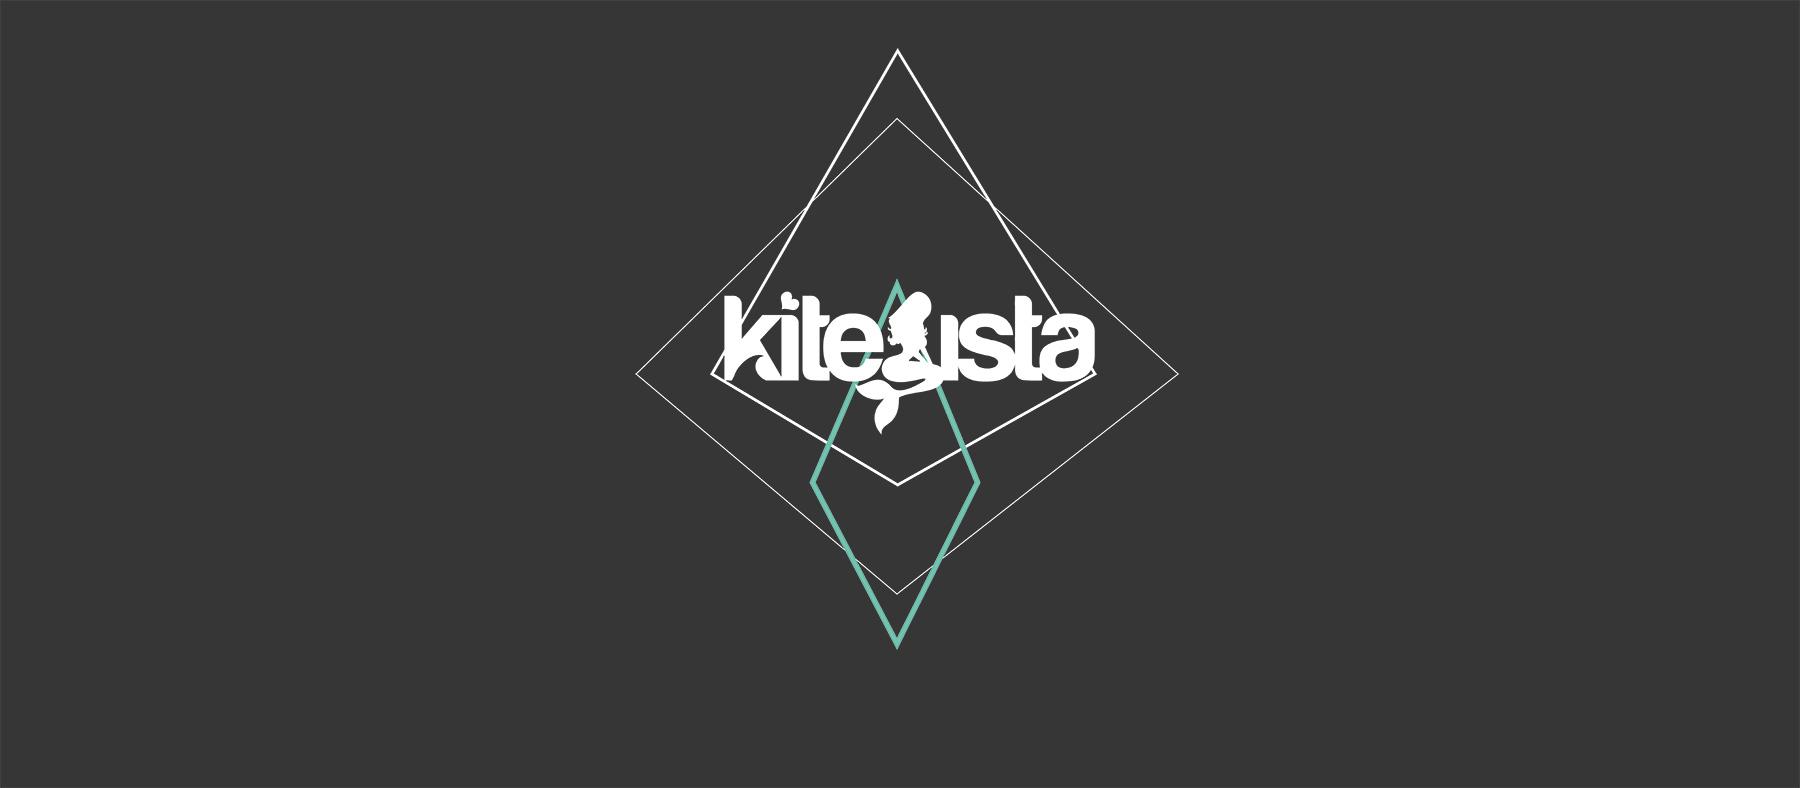 kitesista-limited-edition-series-01-sophie-jardin-01